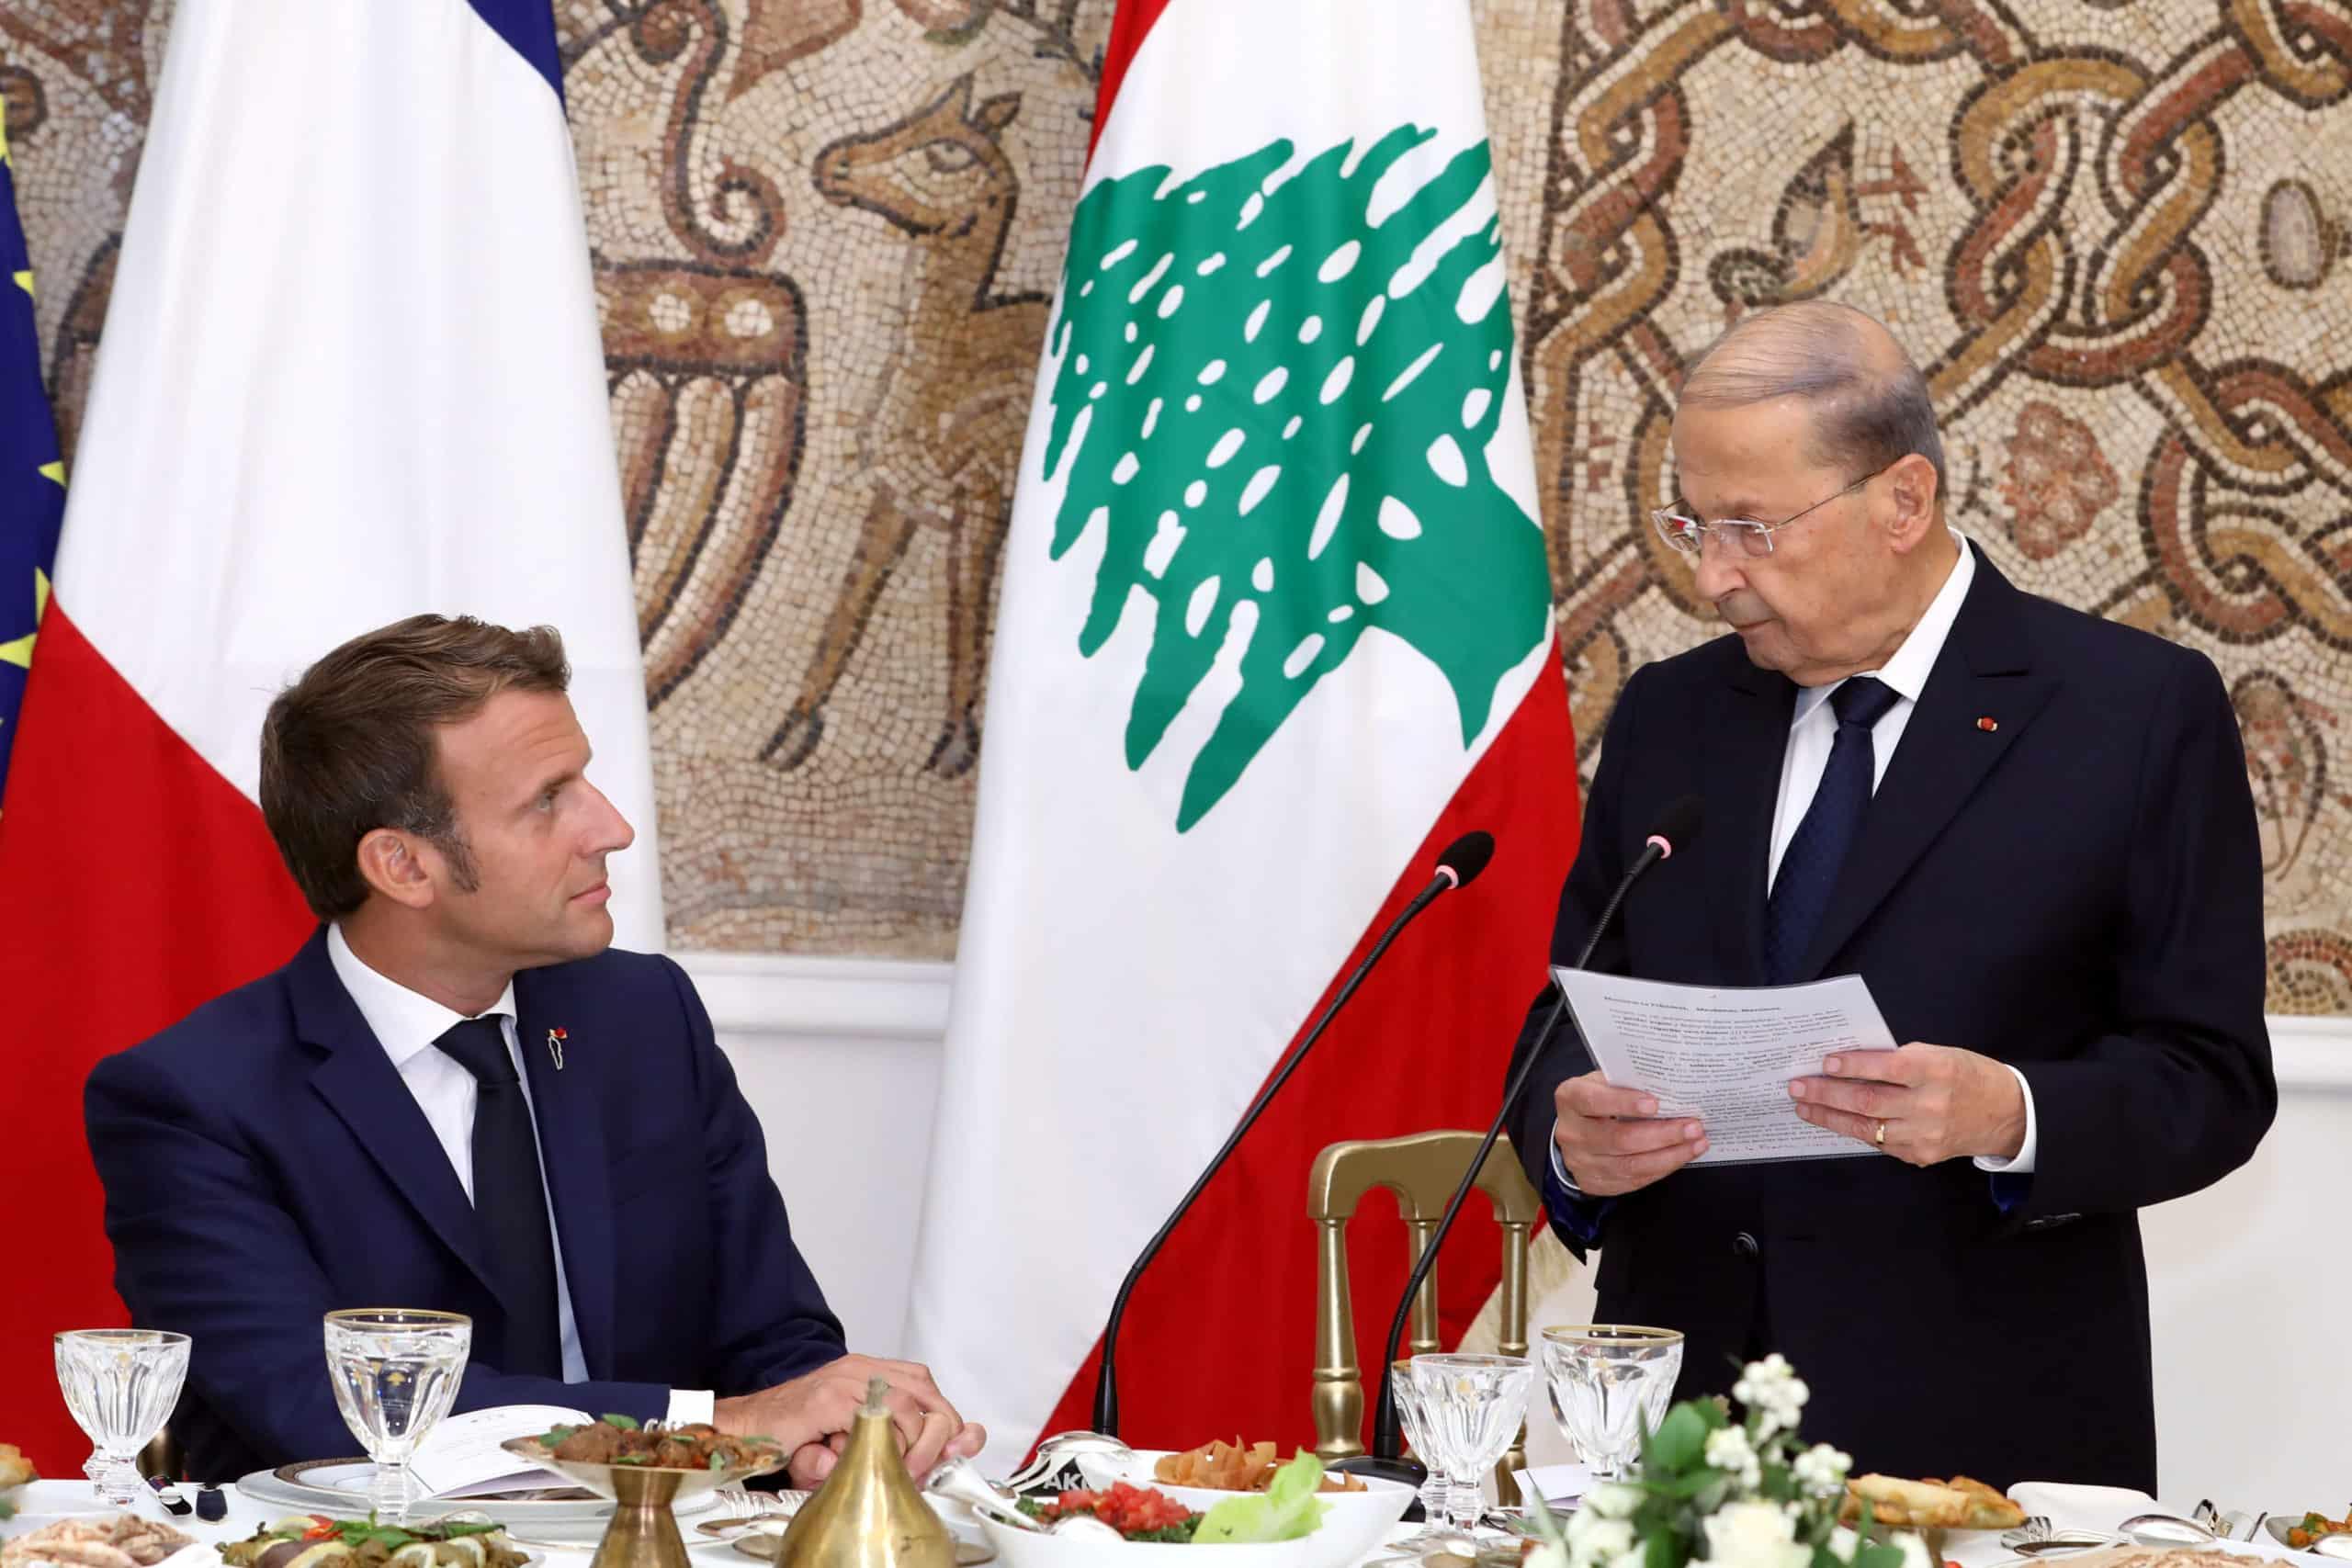 Dalati Aoun Macron Dejeuner Scaled